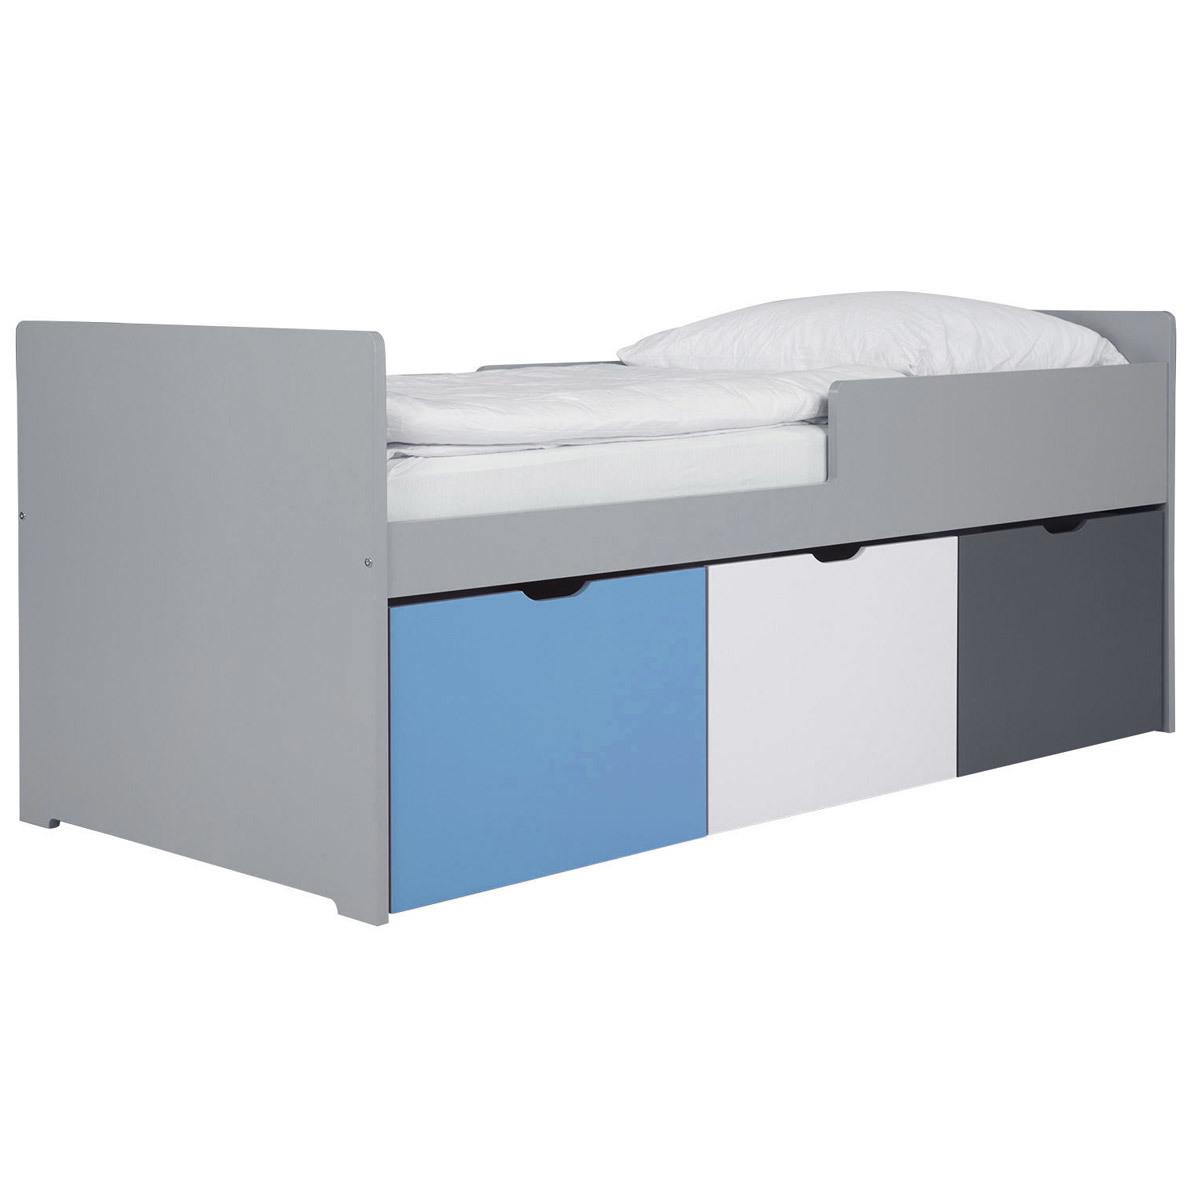 Letto bambino con cassetti 90x190 cm blu bianco et grigio JULES